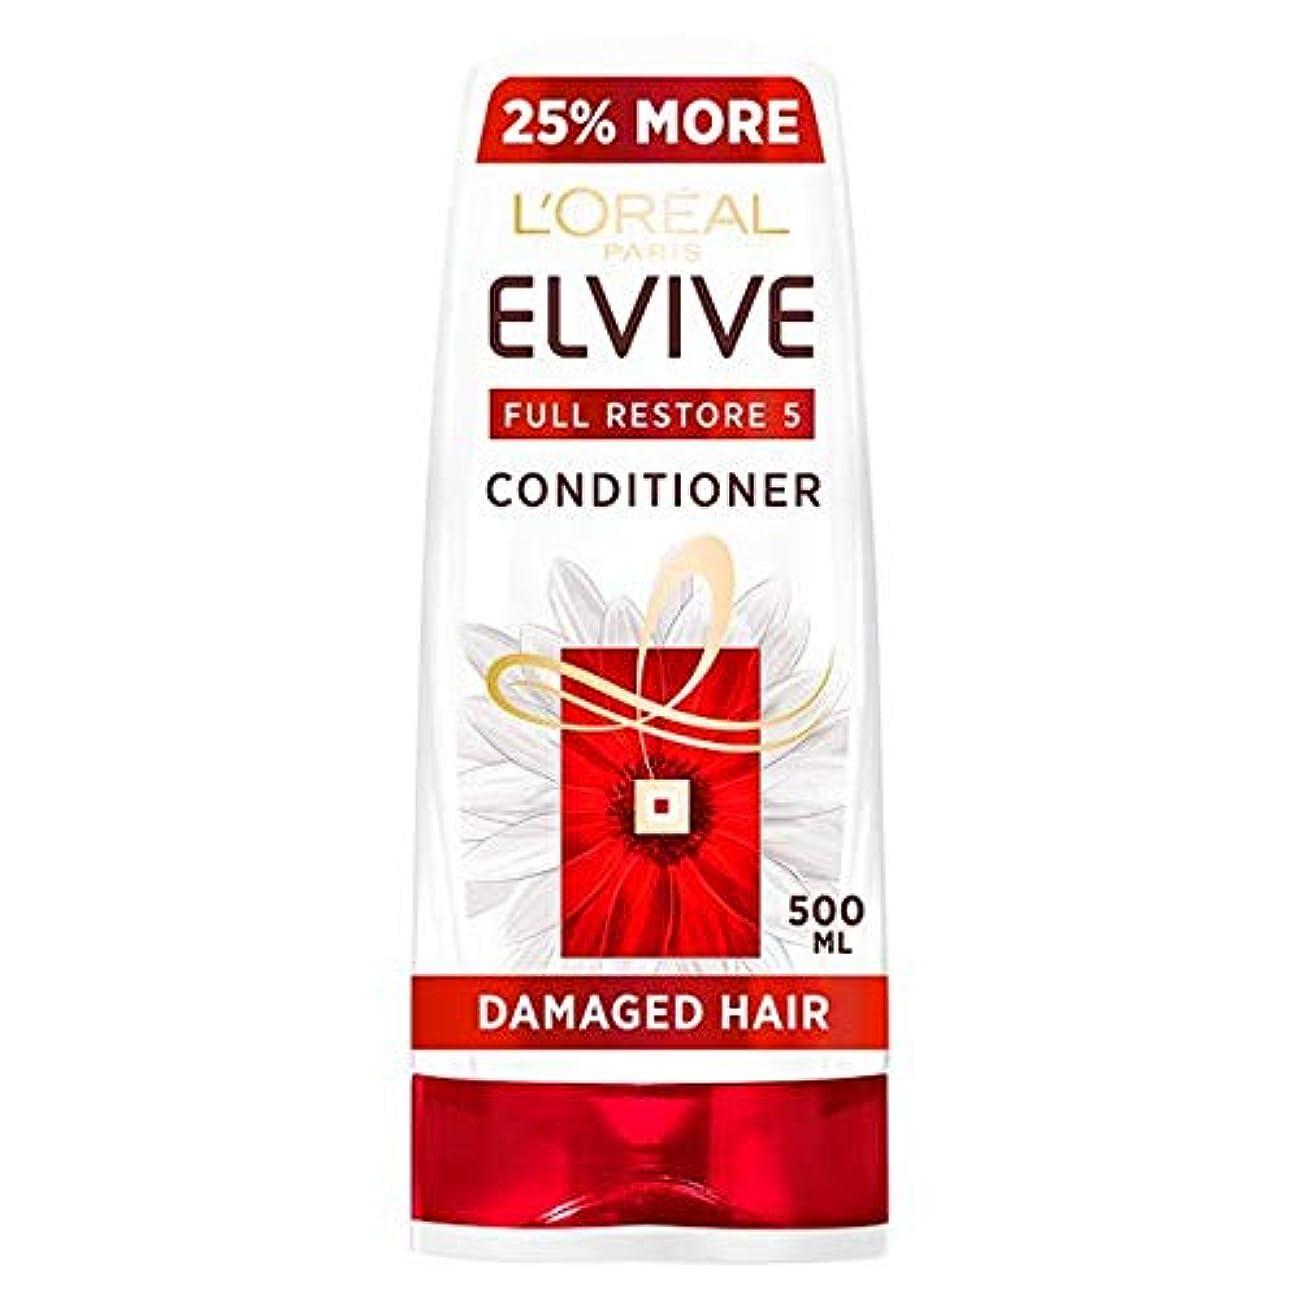 褐色ルーソビエト[Elvive] ロレアルElvive極度のダメージヘアコンディショナー500ミリリットル - L'oreal Elvive Extreme Damaged Hair Conditioner 500Ml [並行輸入品]